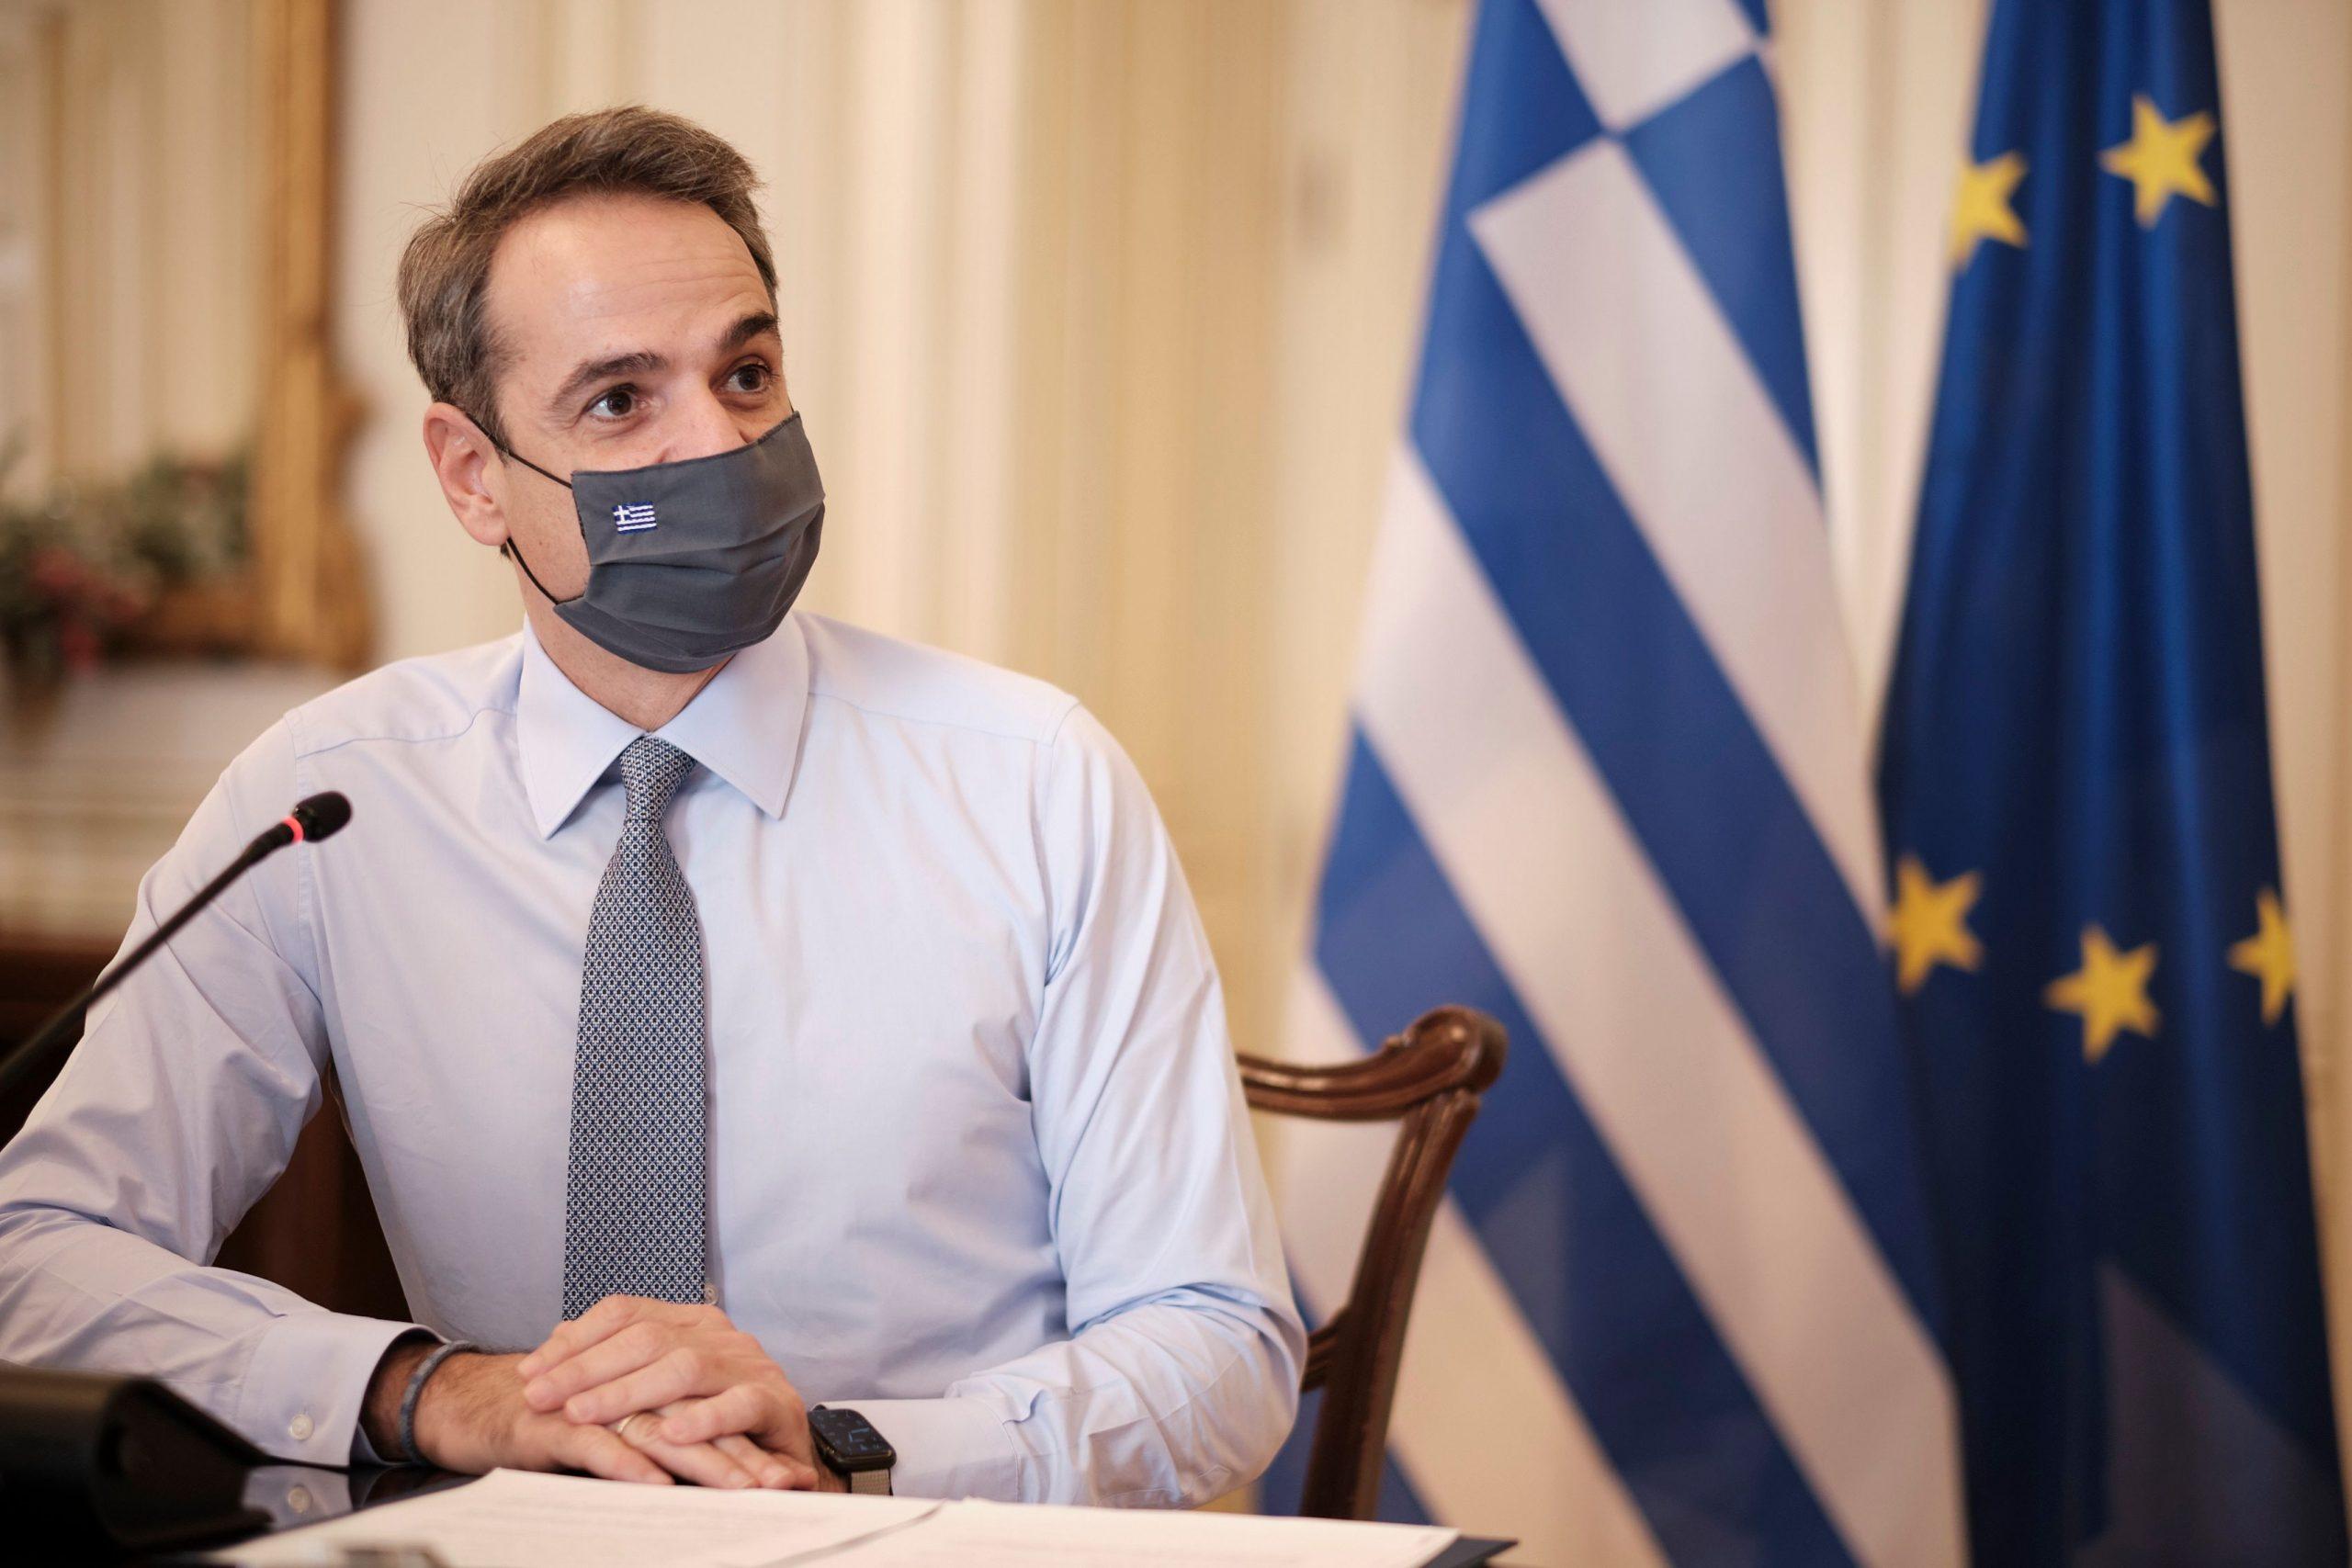 Στη «μέγκενη» η κυβέρνηση – Πανδημία, οικονομία και Ελληνοτουρκικά, ο εφιάλτης του Μητσοτάκη